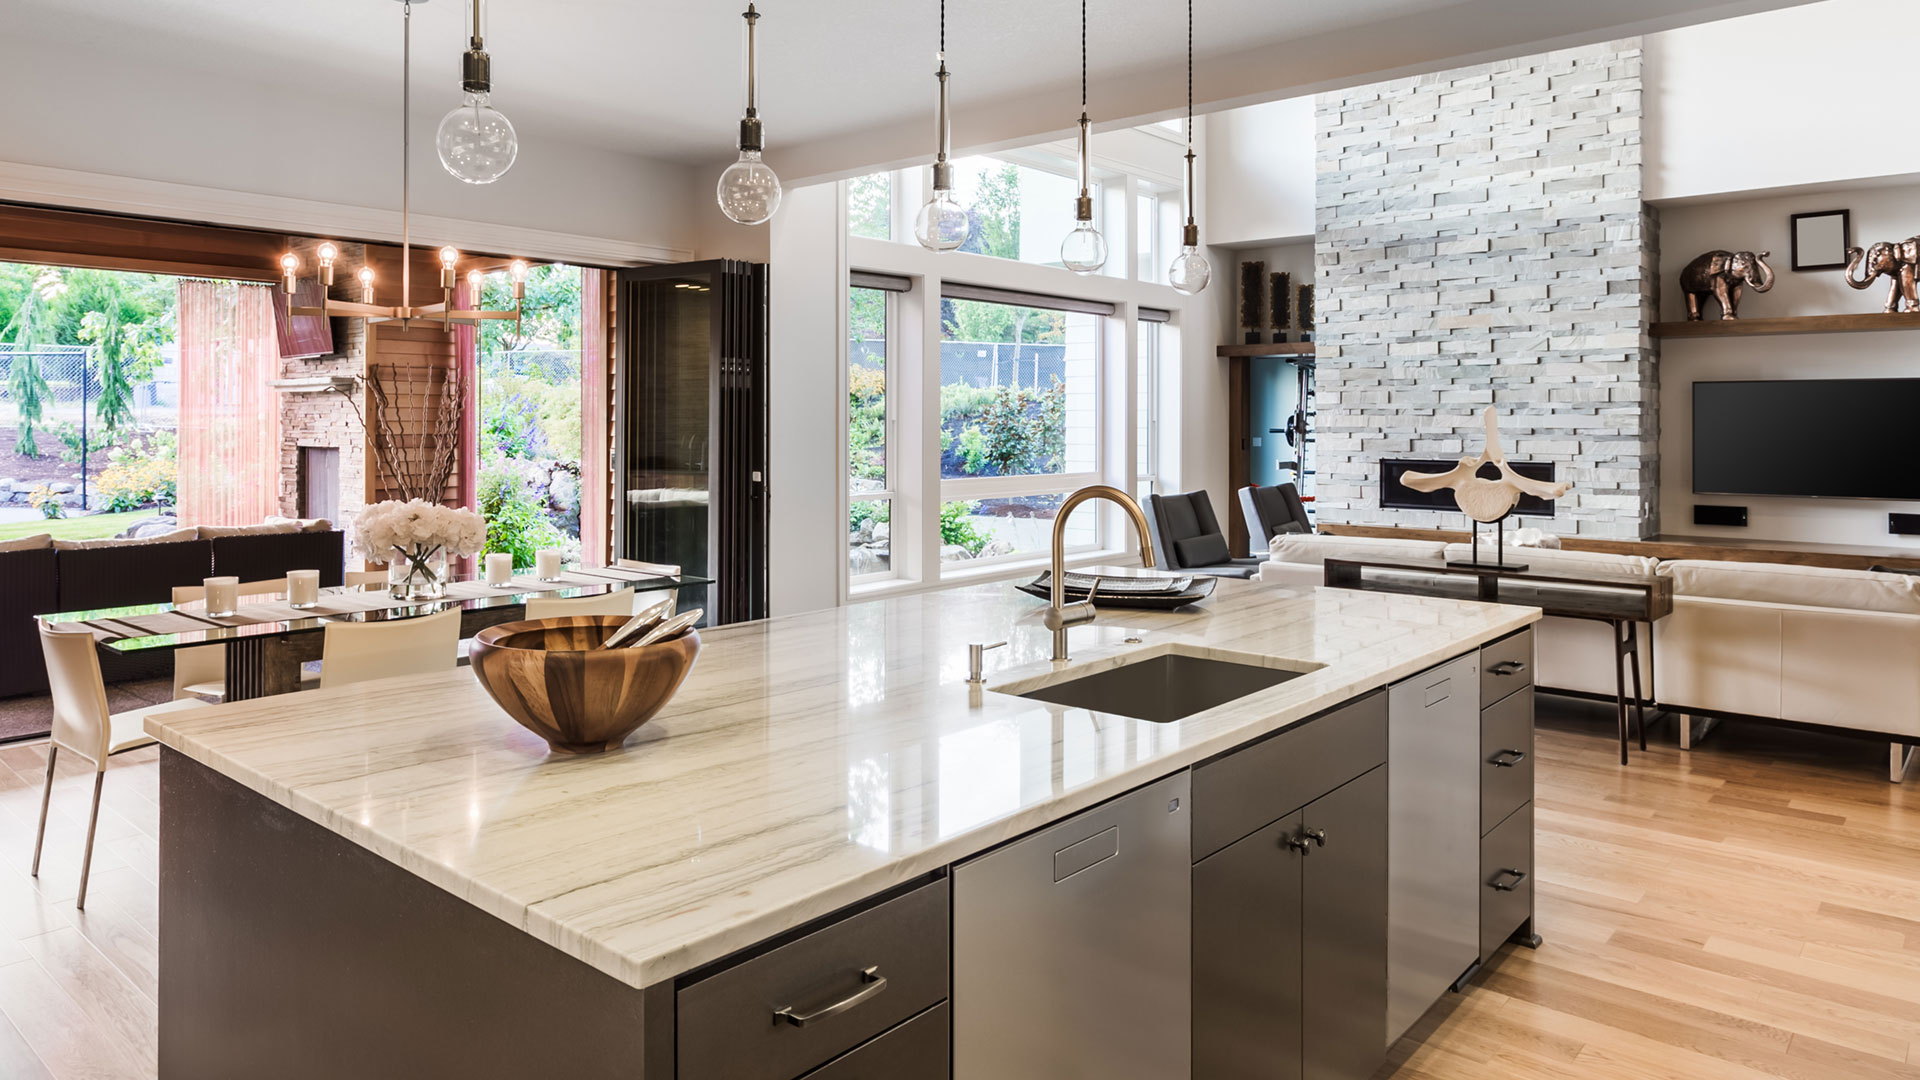 Moderne, offene Küche mit hochwertiger Ausstattung